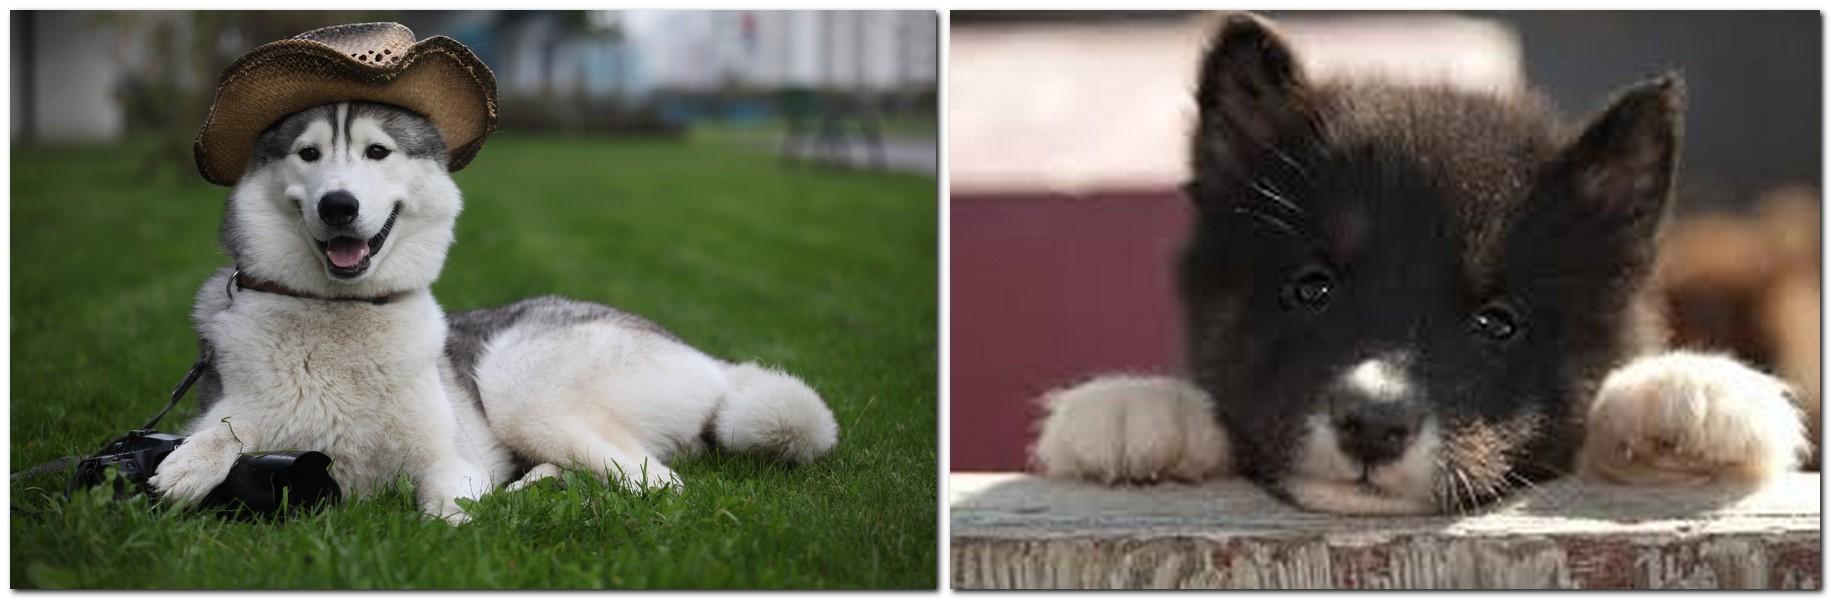 Dog breed Canadian Eskimo